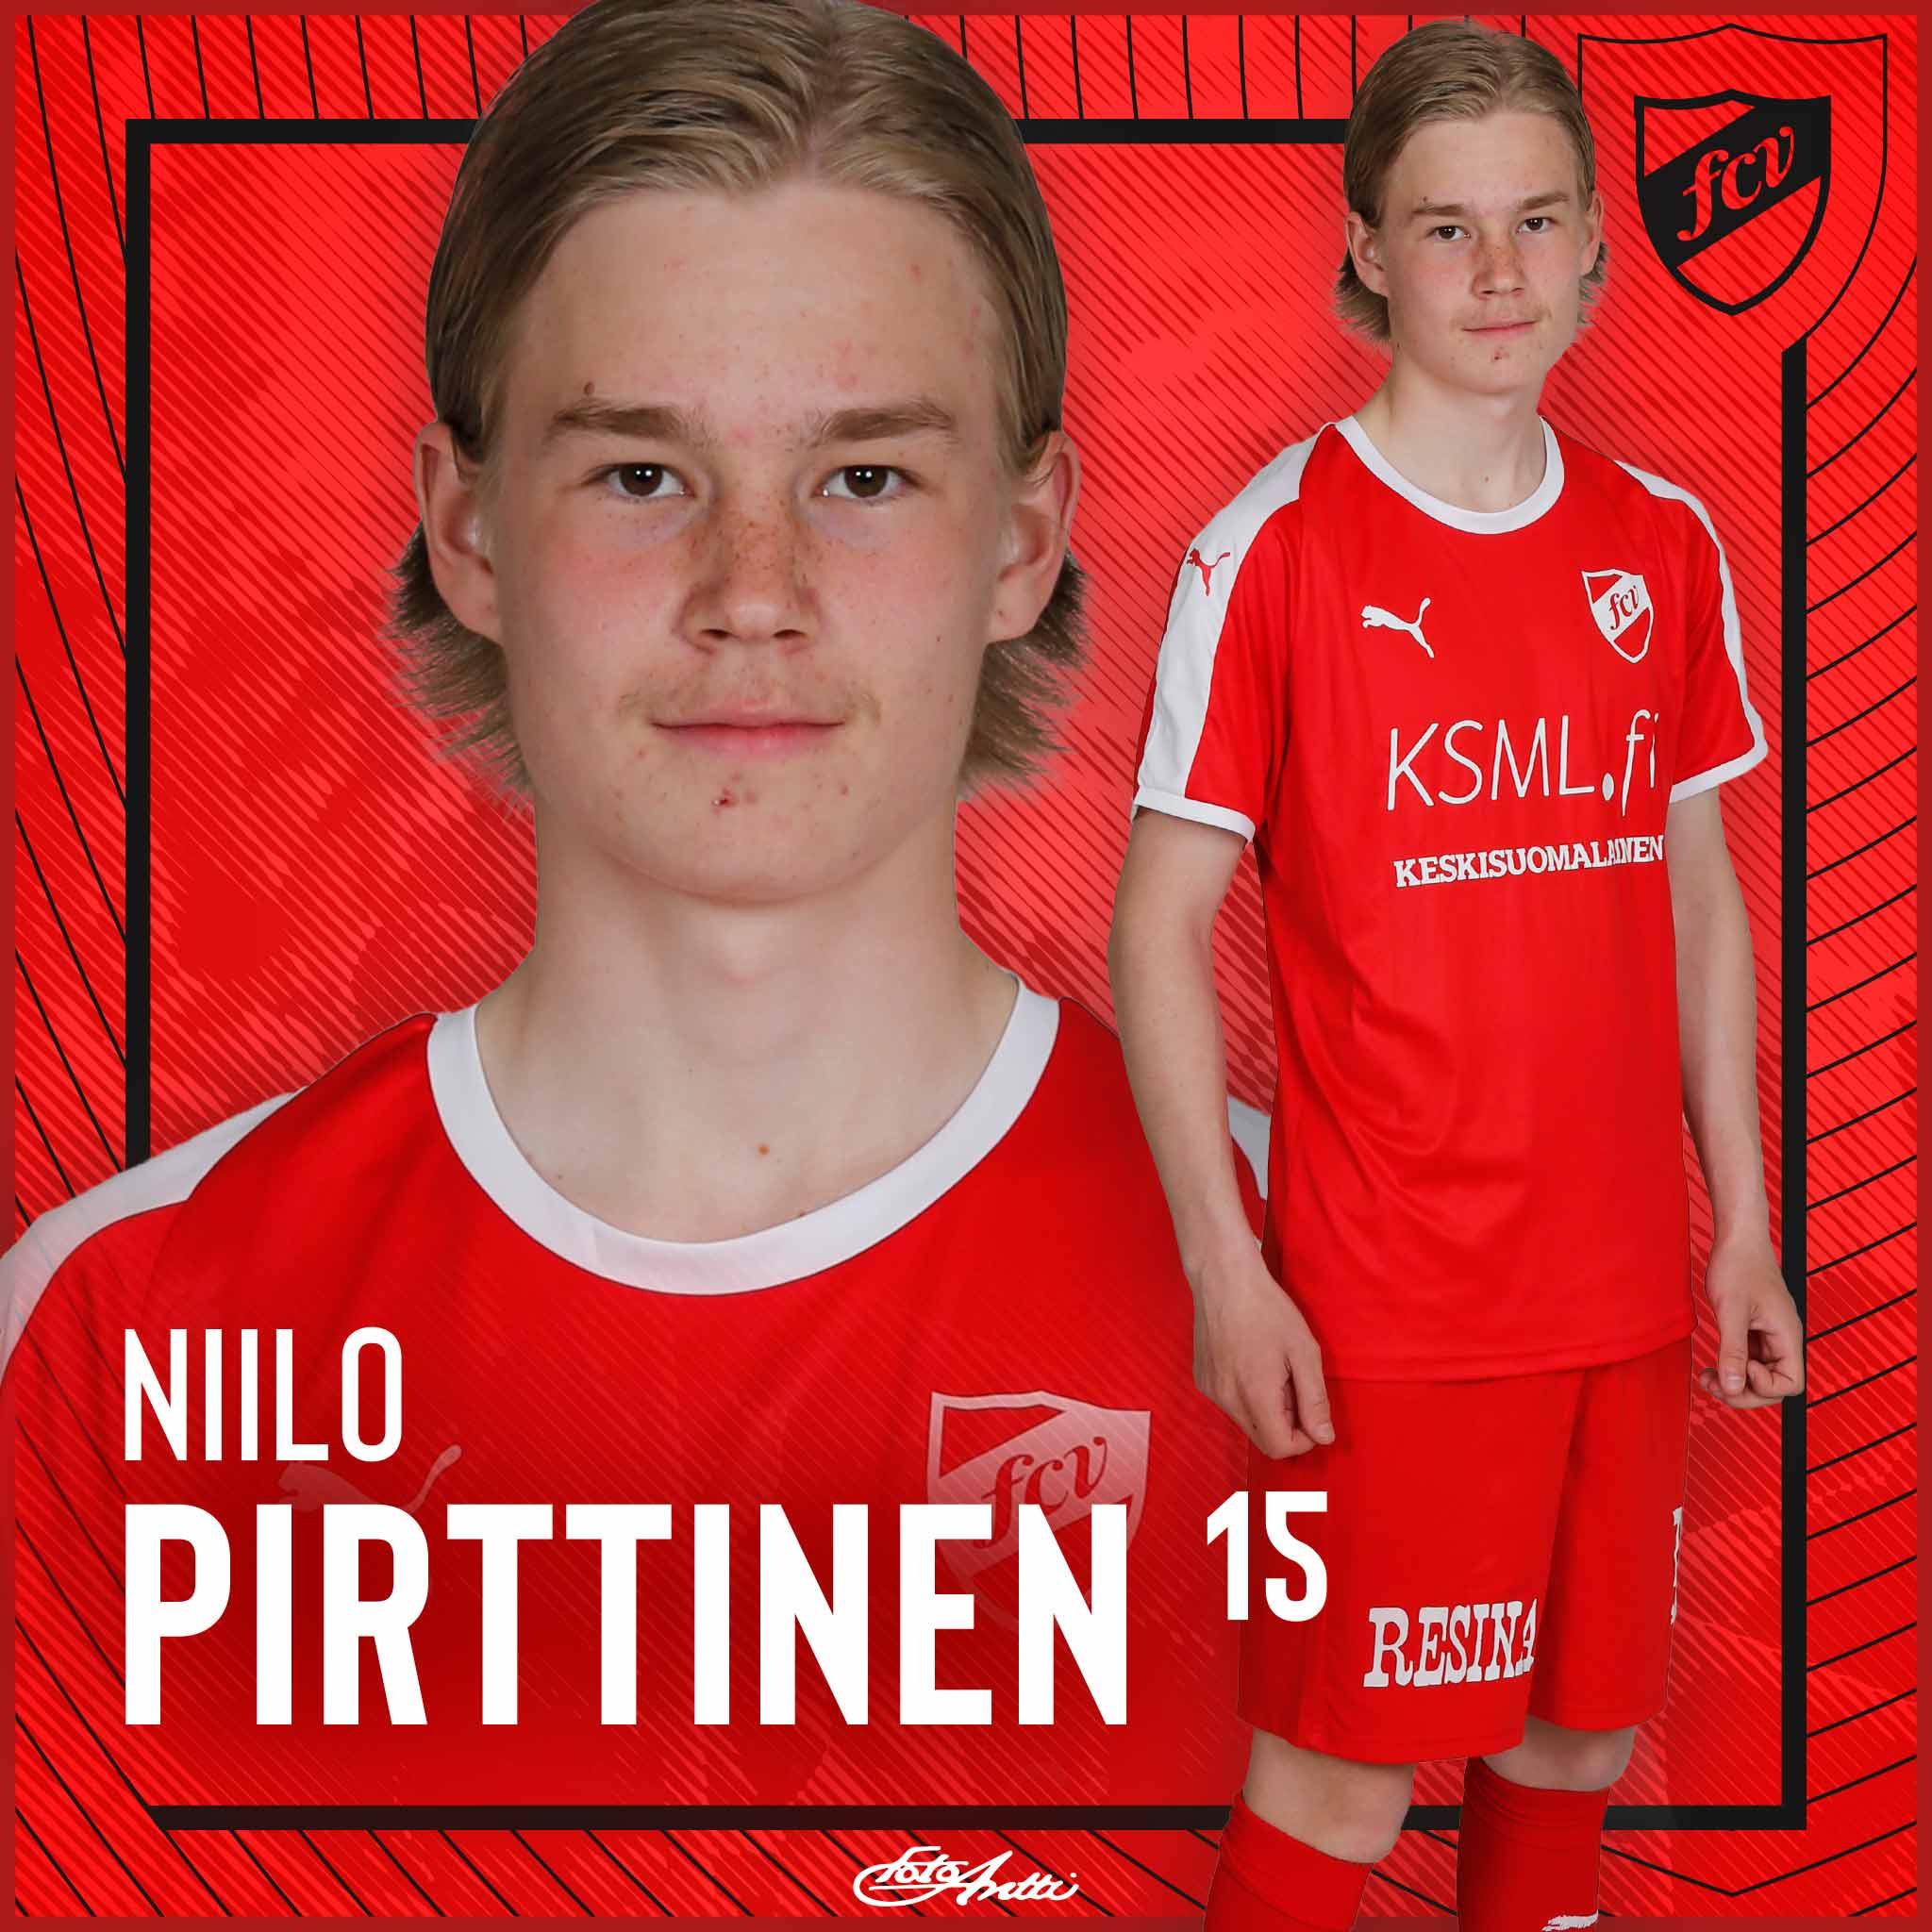 Niilo Pirttinen